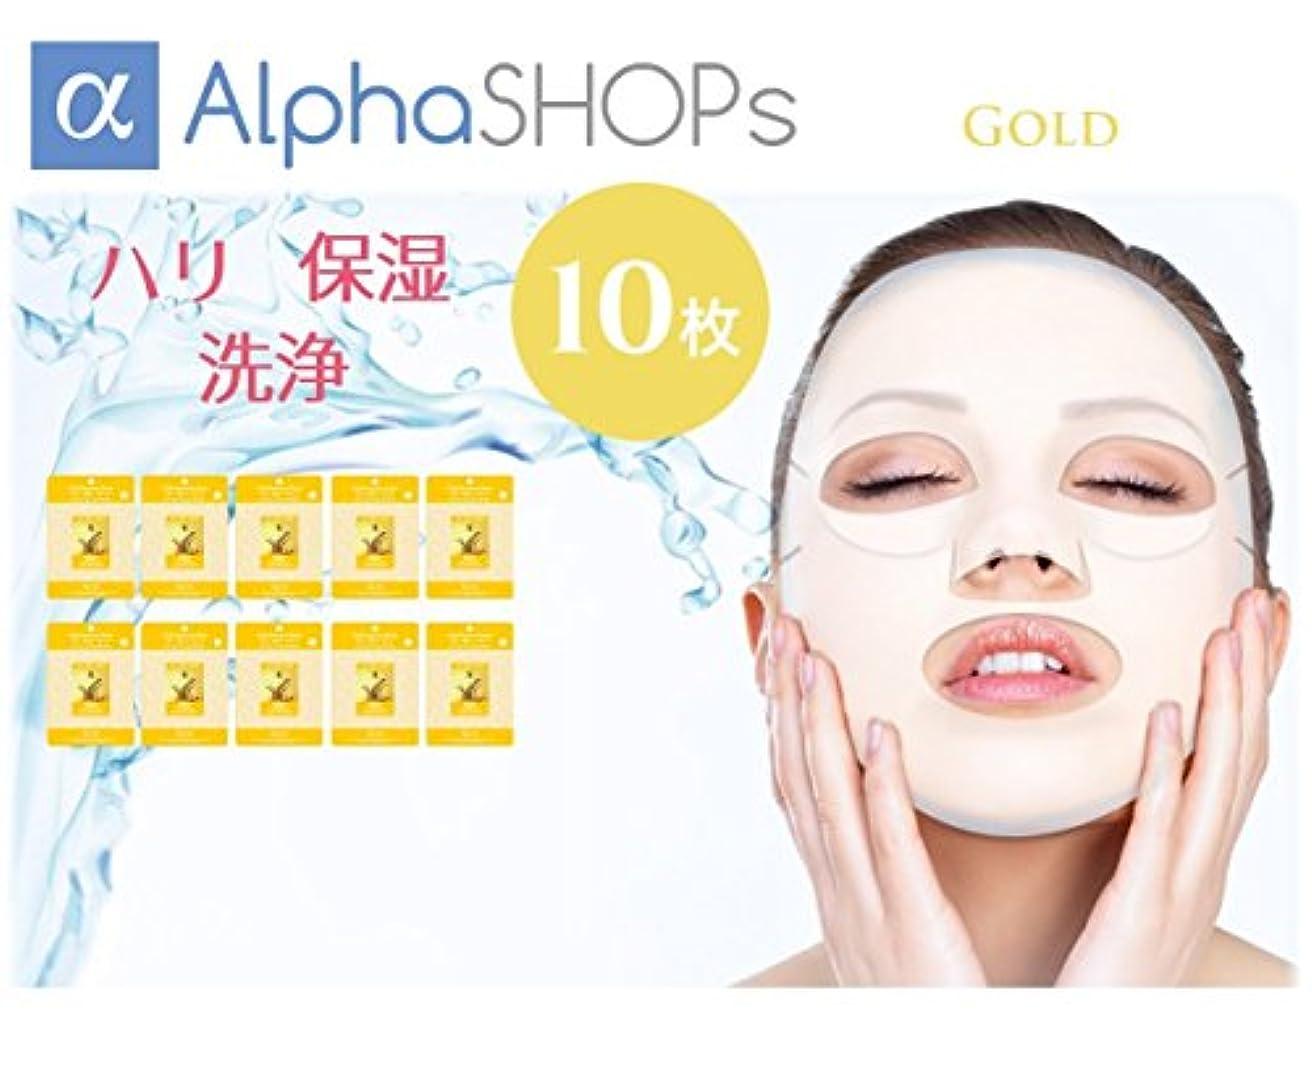 腐った穿孔する存在フェイスパック ゴールド(金) 韓国コスメ MIJIN(ミジン)コスメ 口コミ ランキングNo1 おすすめ エッセンス シートマスク 10枚